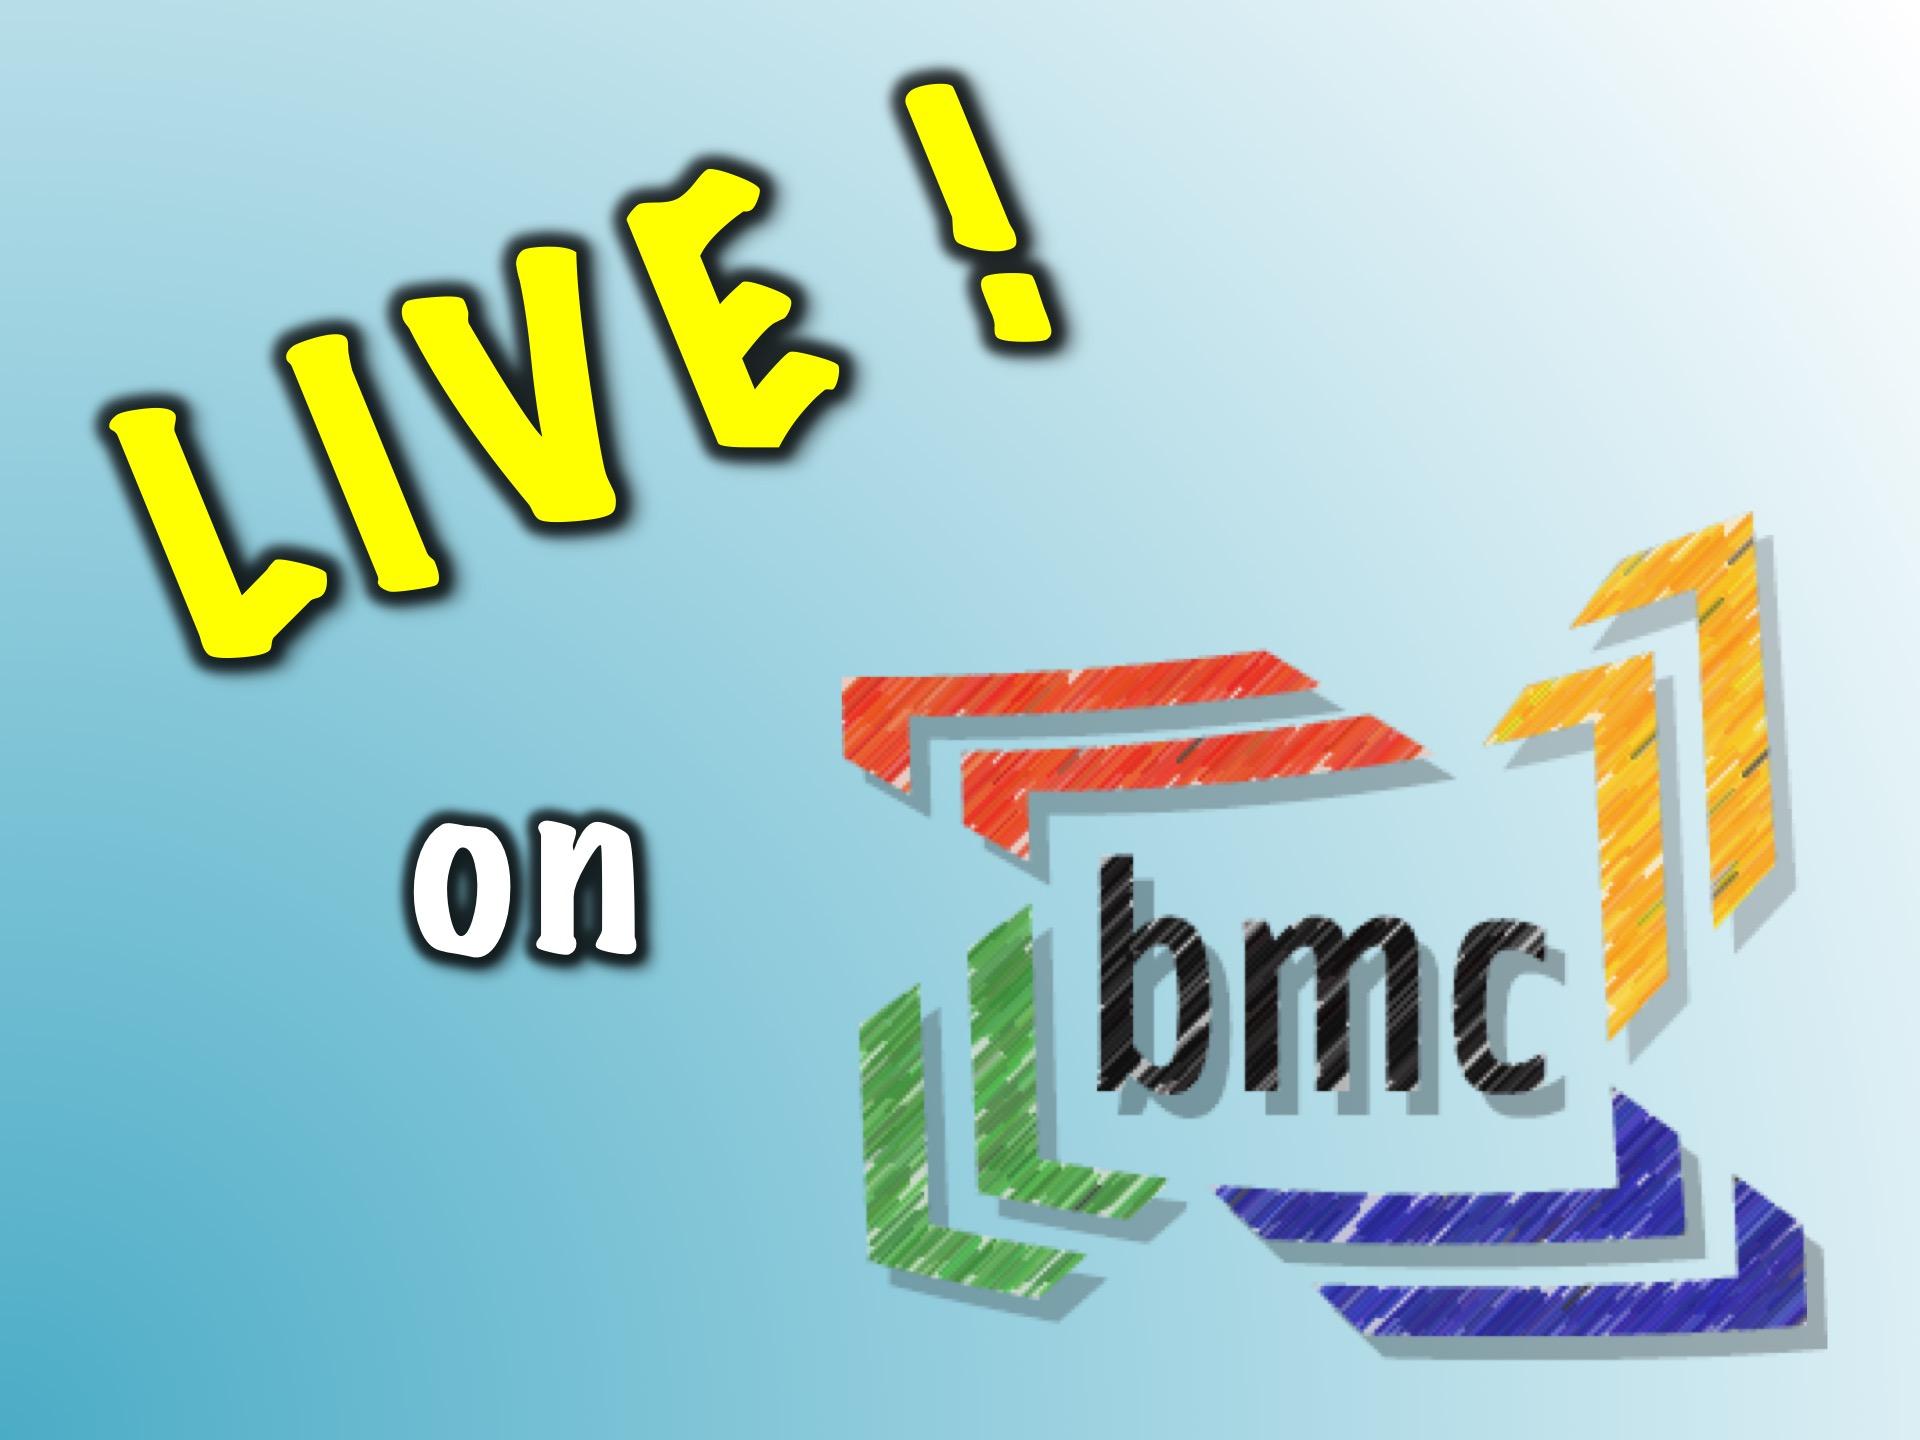 Live on BMC